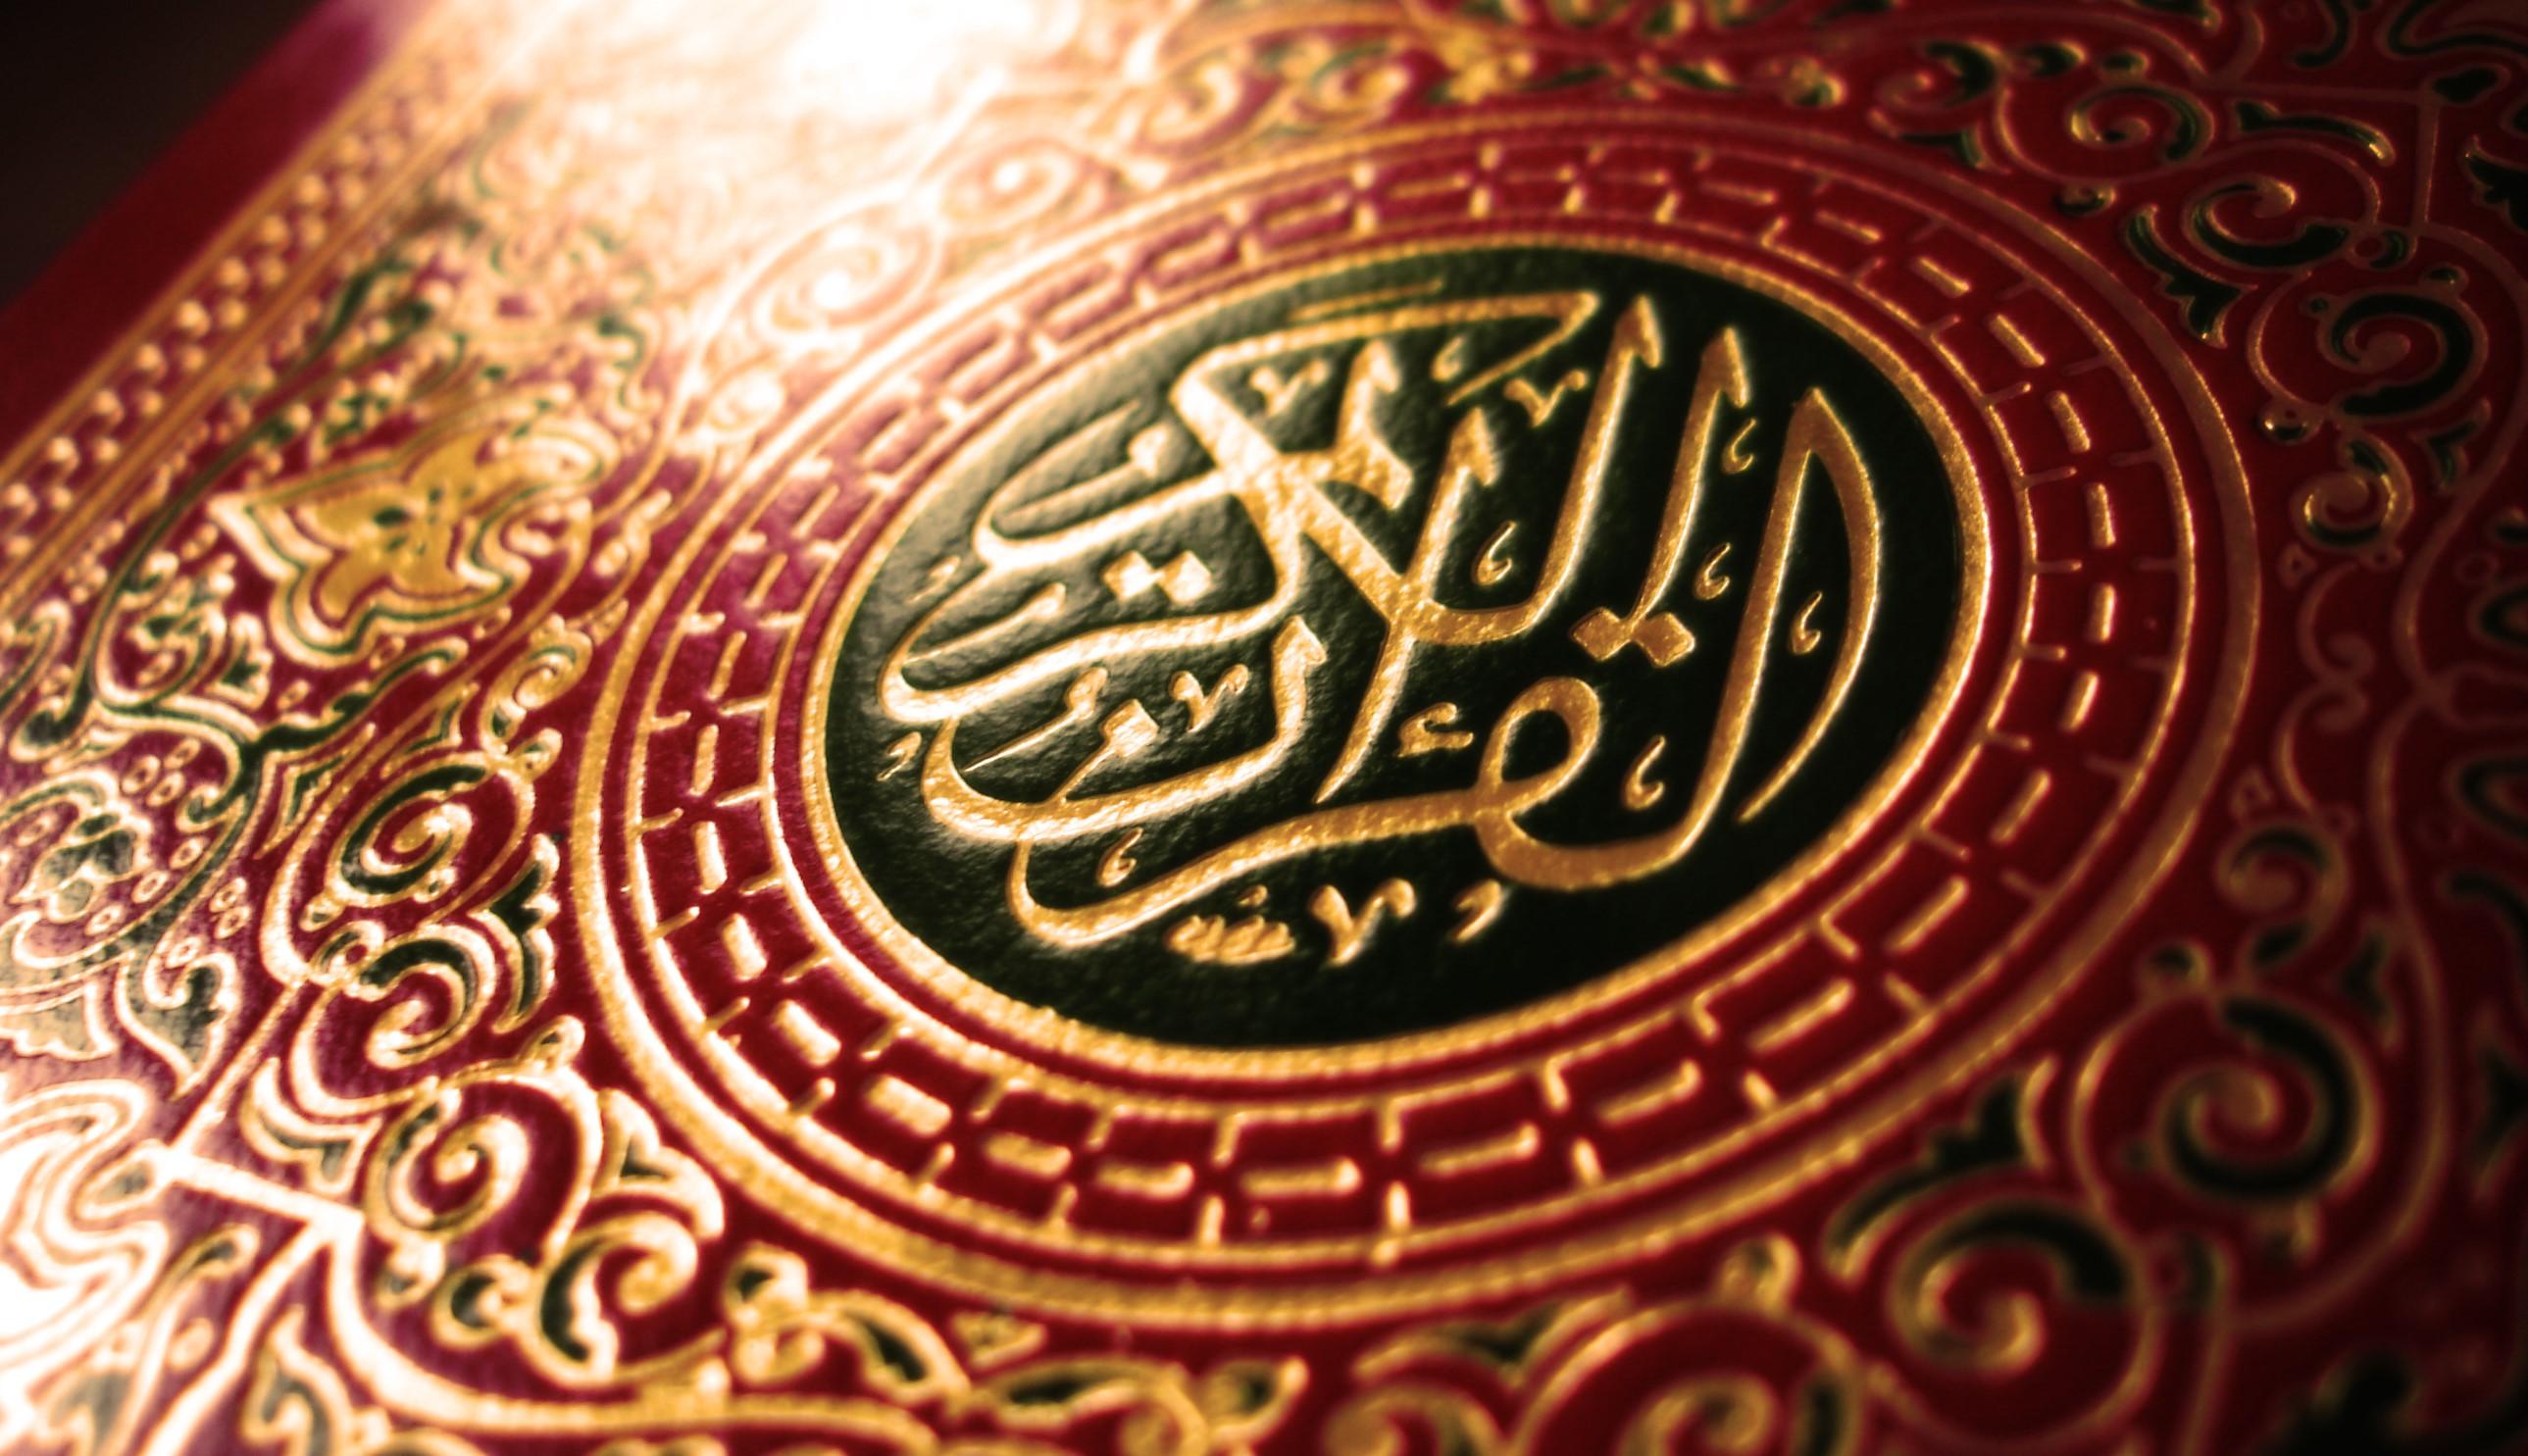 ماجَرای شگفت پیشرَوی قرآن و پَسرَوی آتش!